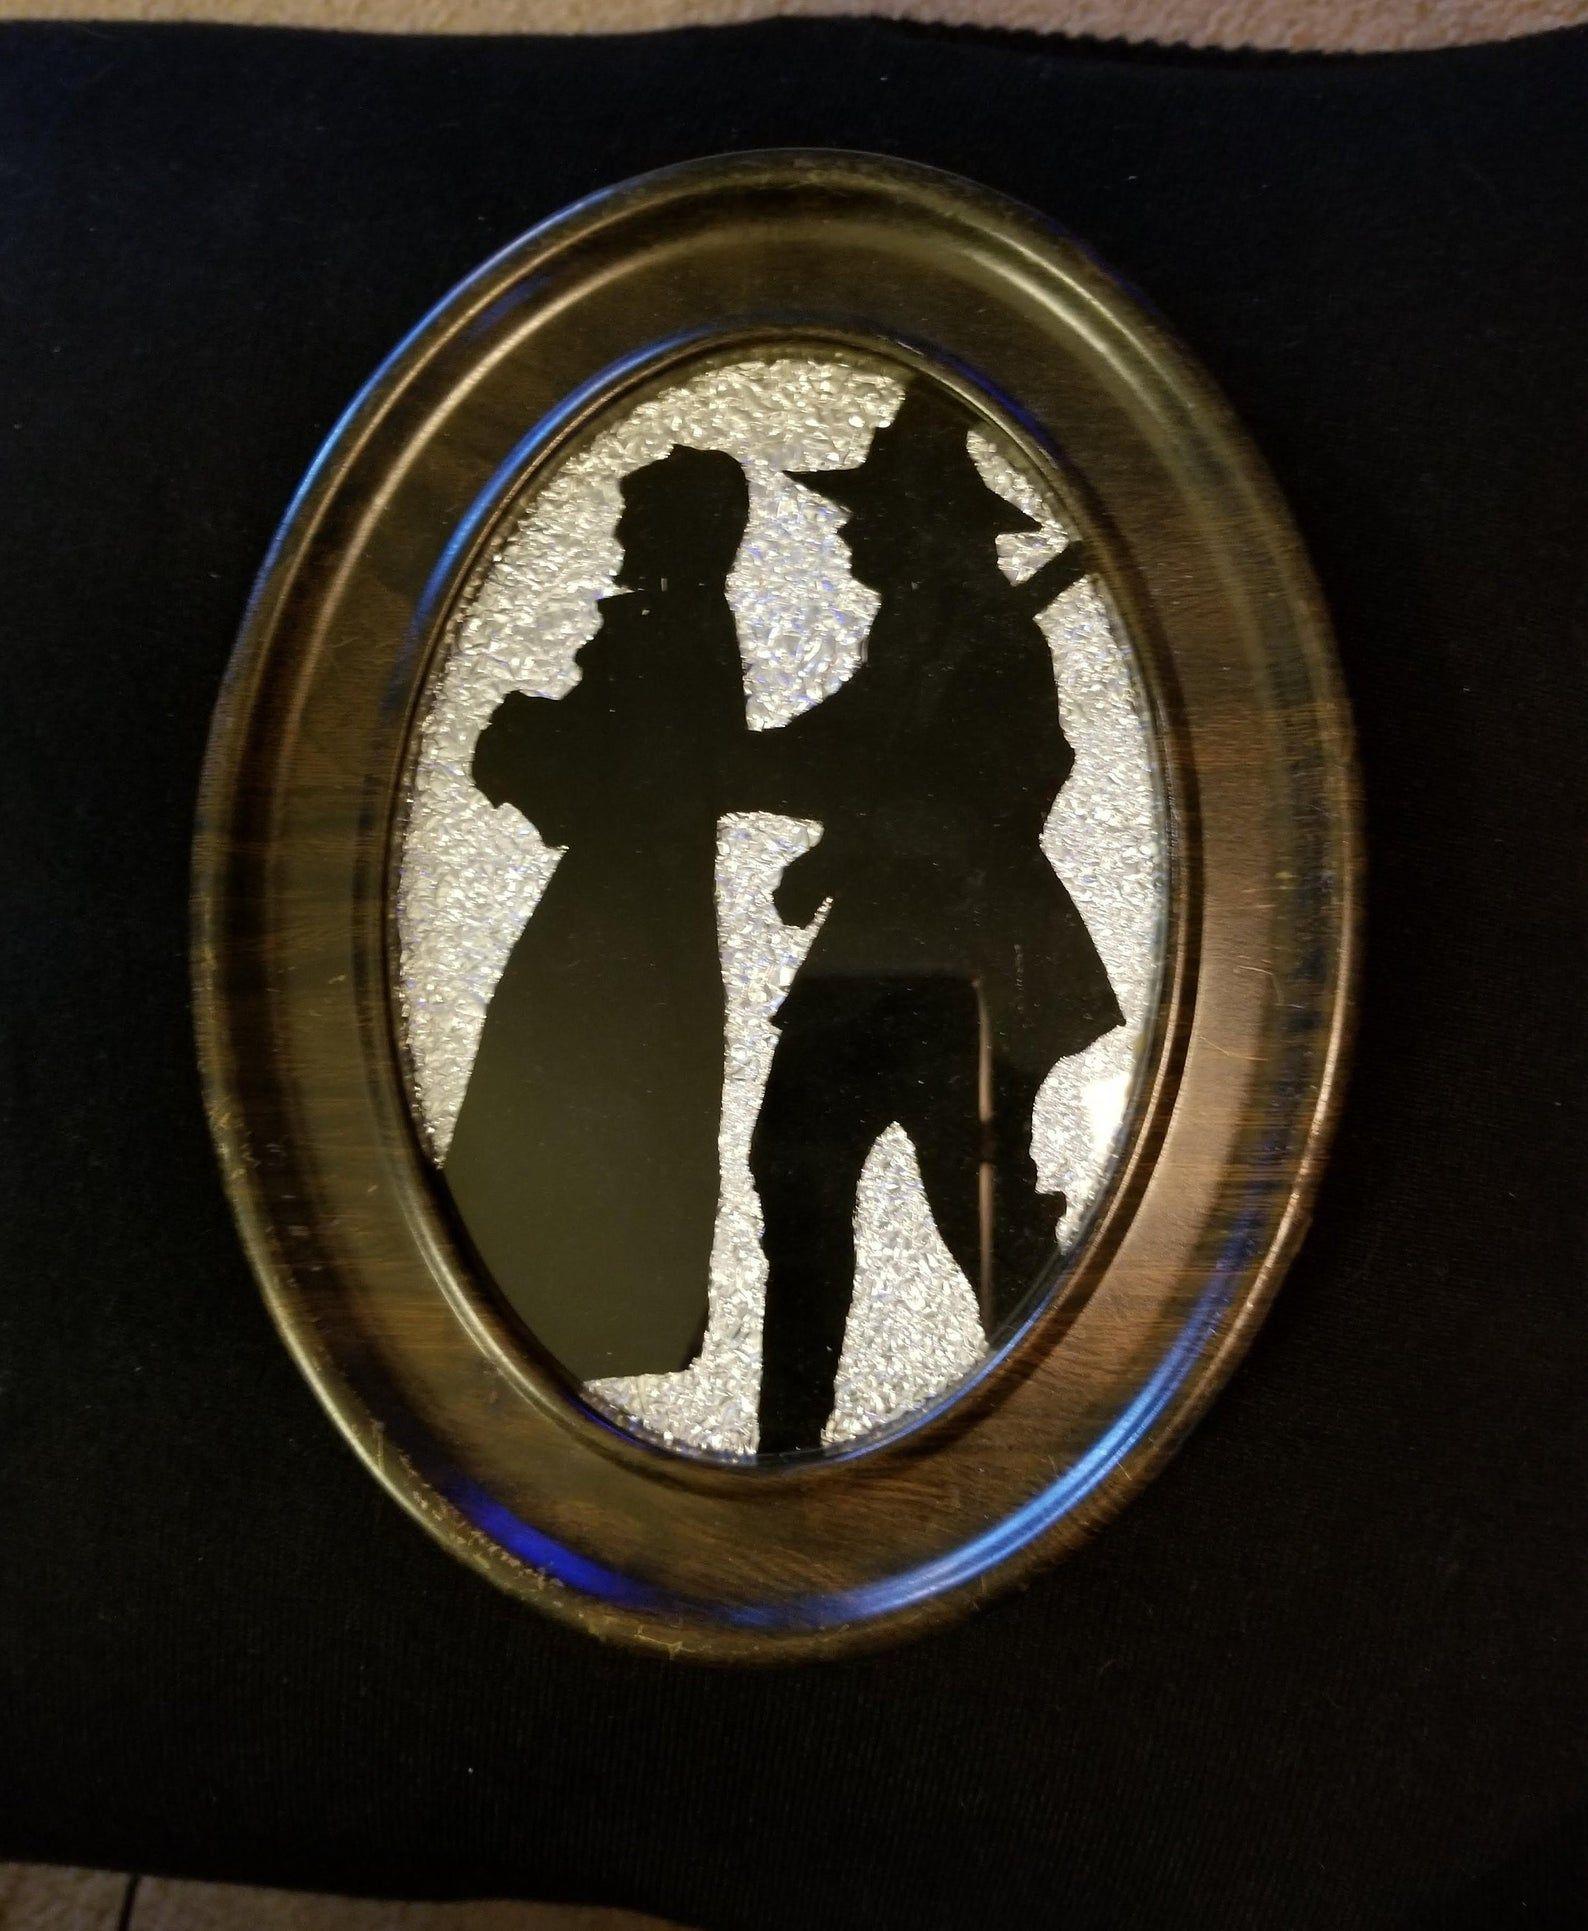 Photo of Pilgrim Silhouette 1920er Jahre Reverse Painting auf Glas in Metallrahmen